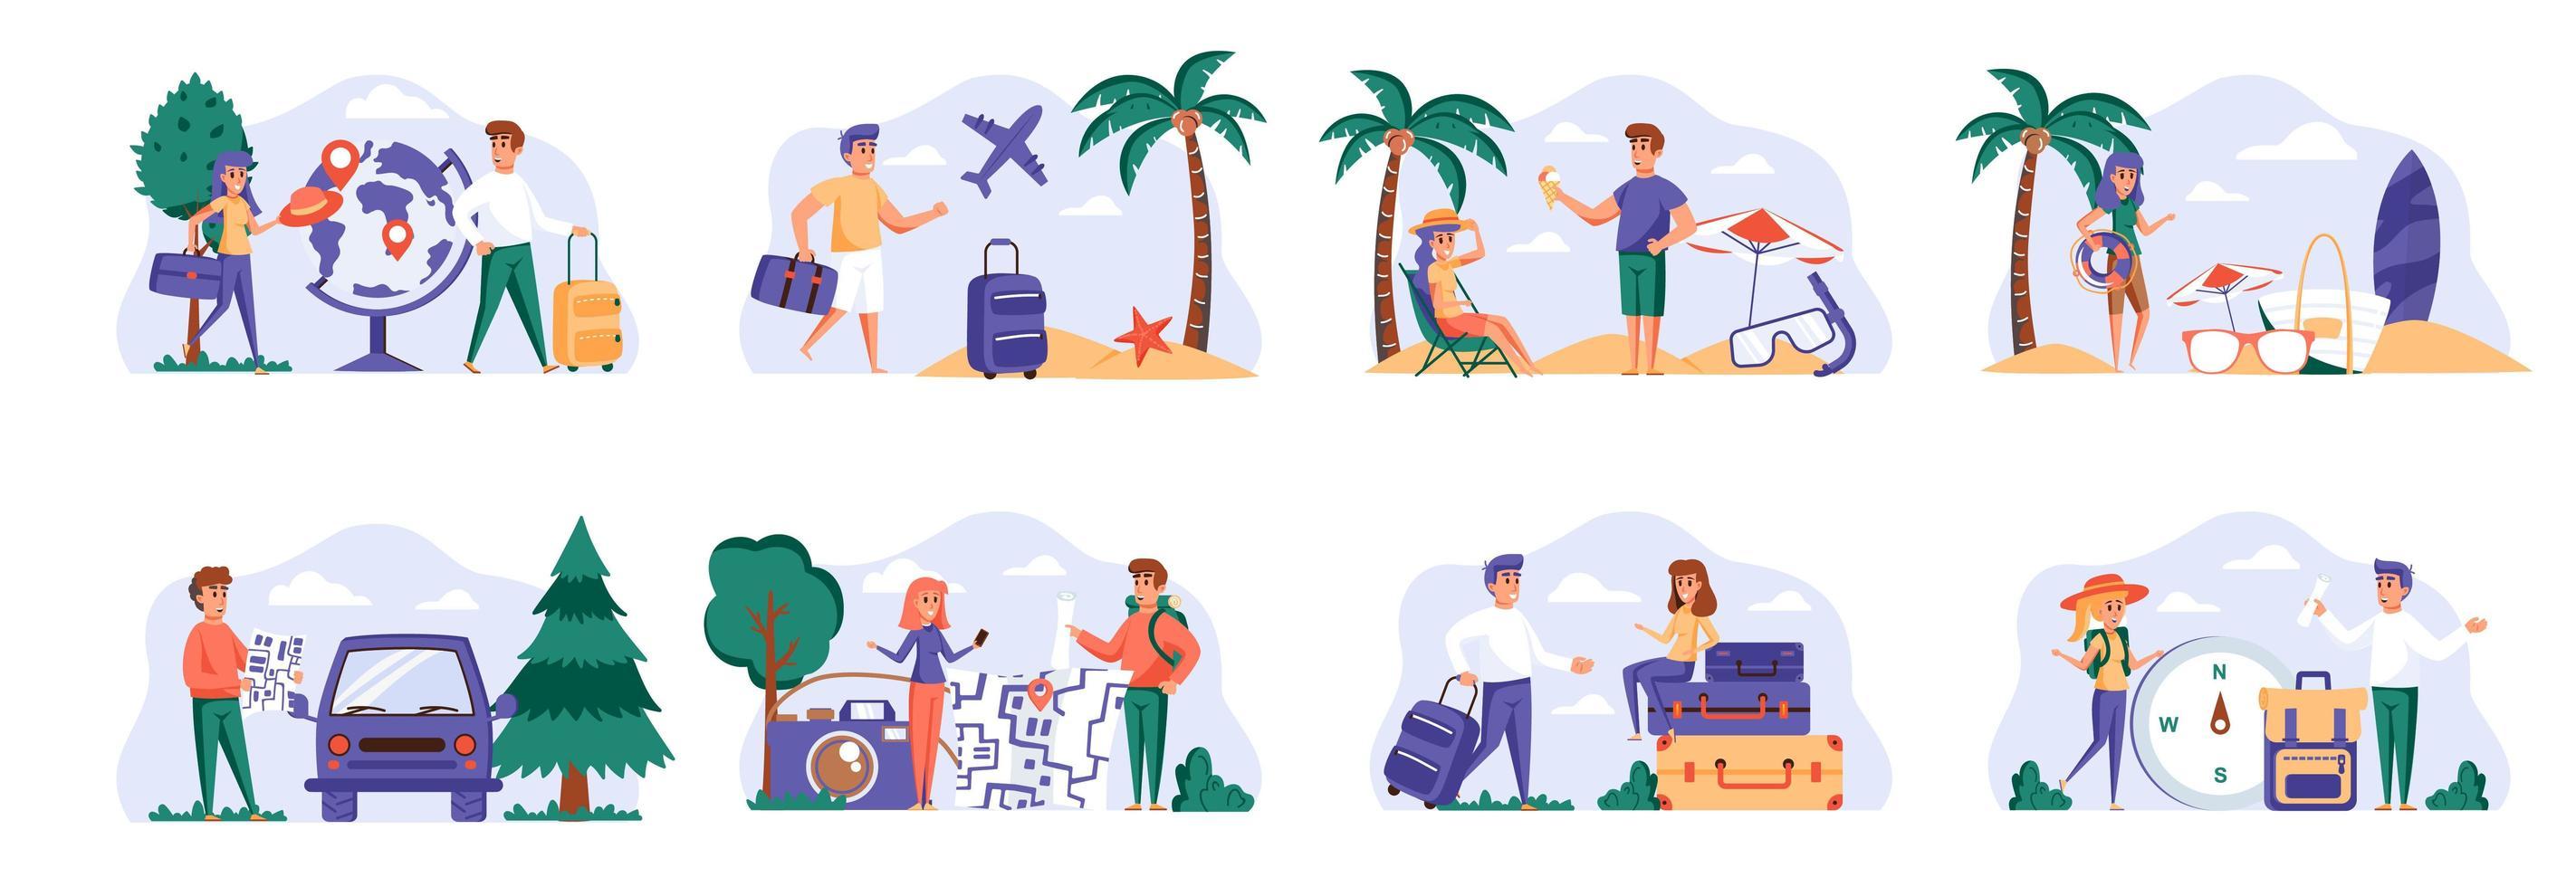 reizen vakantiescènes bundel met personages van mensen. vector